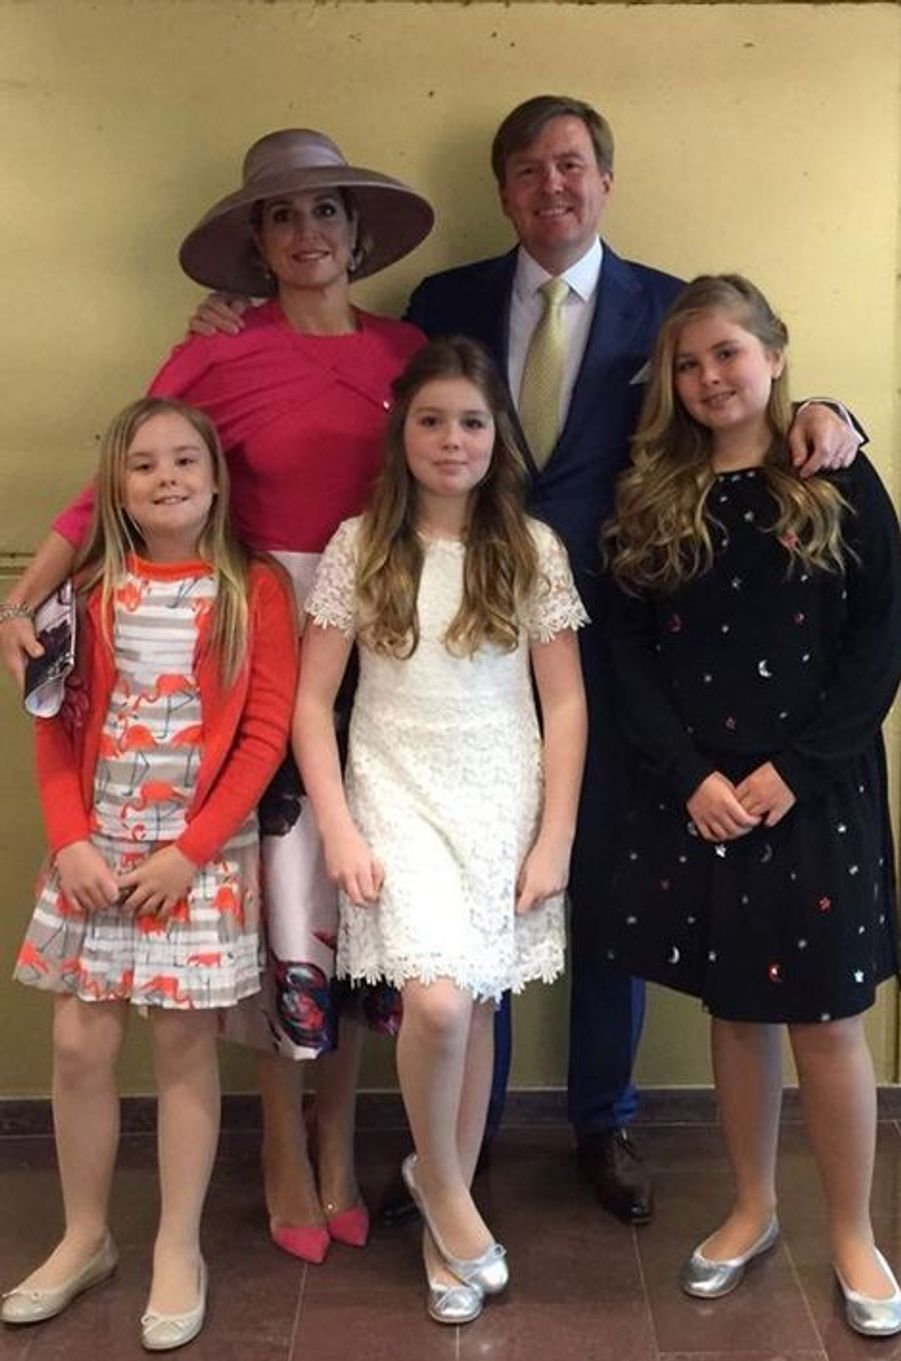 La reine Maxima et le roi Willem-Alexander des Pays-Bas avec leurs filles à Zwolle, le 27 avril 2016